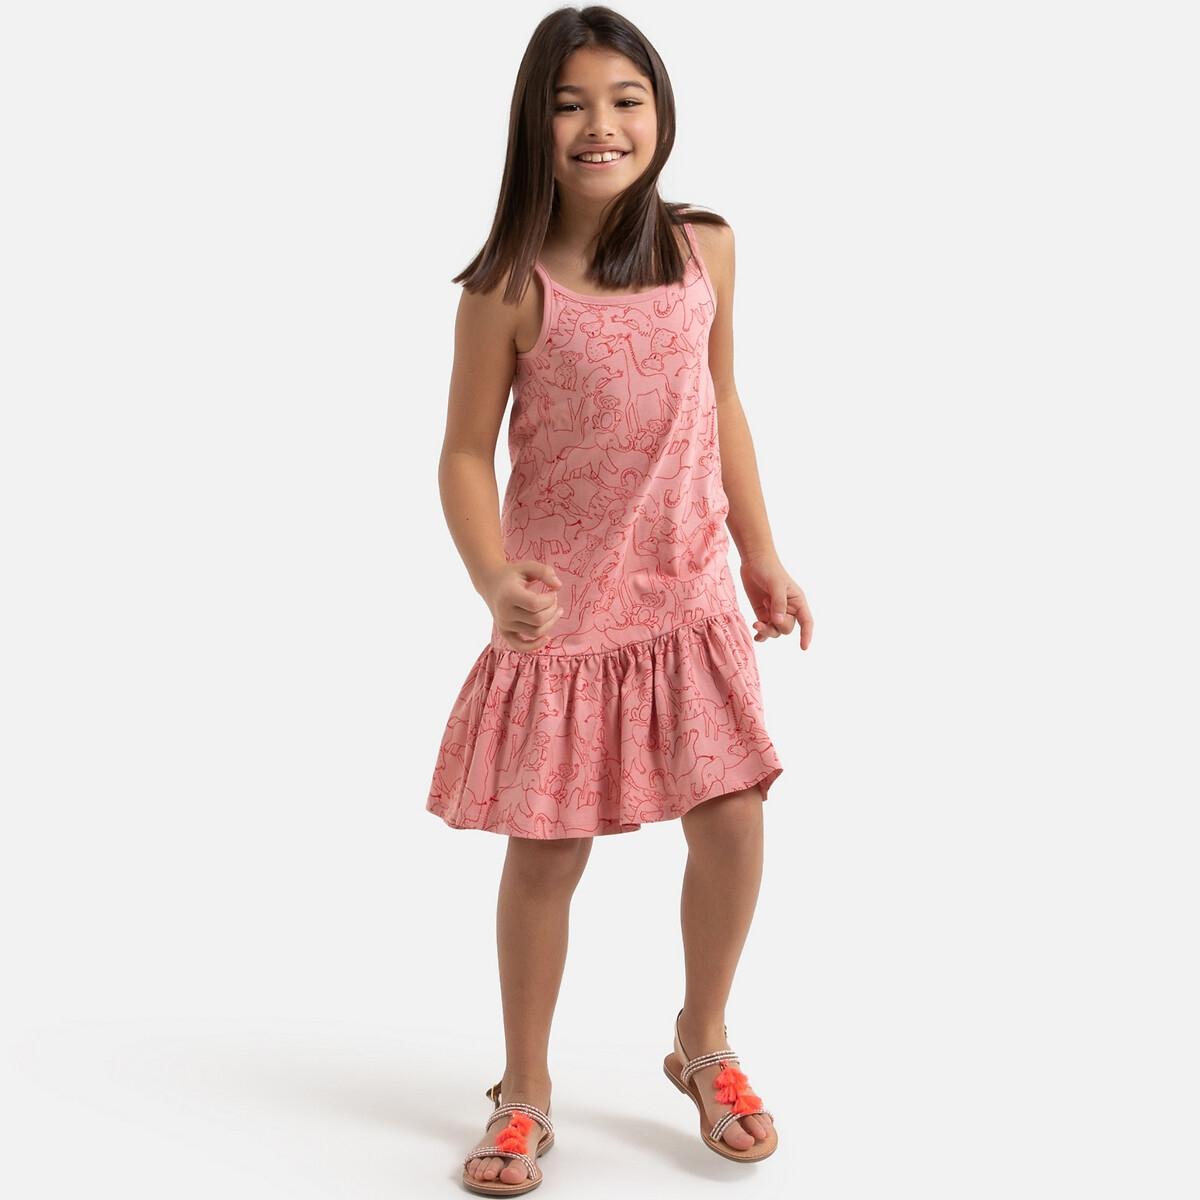 цена Платье La Redoute Расклешенное на тонких бретелях с рисунком 8 лет - 126 см розовый онлайн в 2017 году